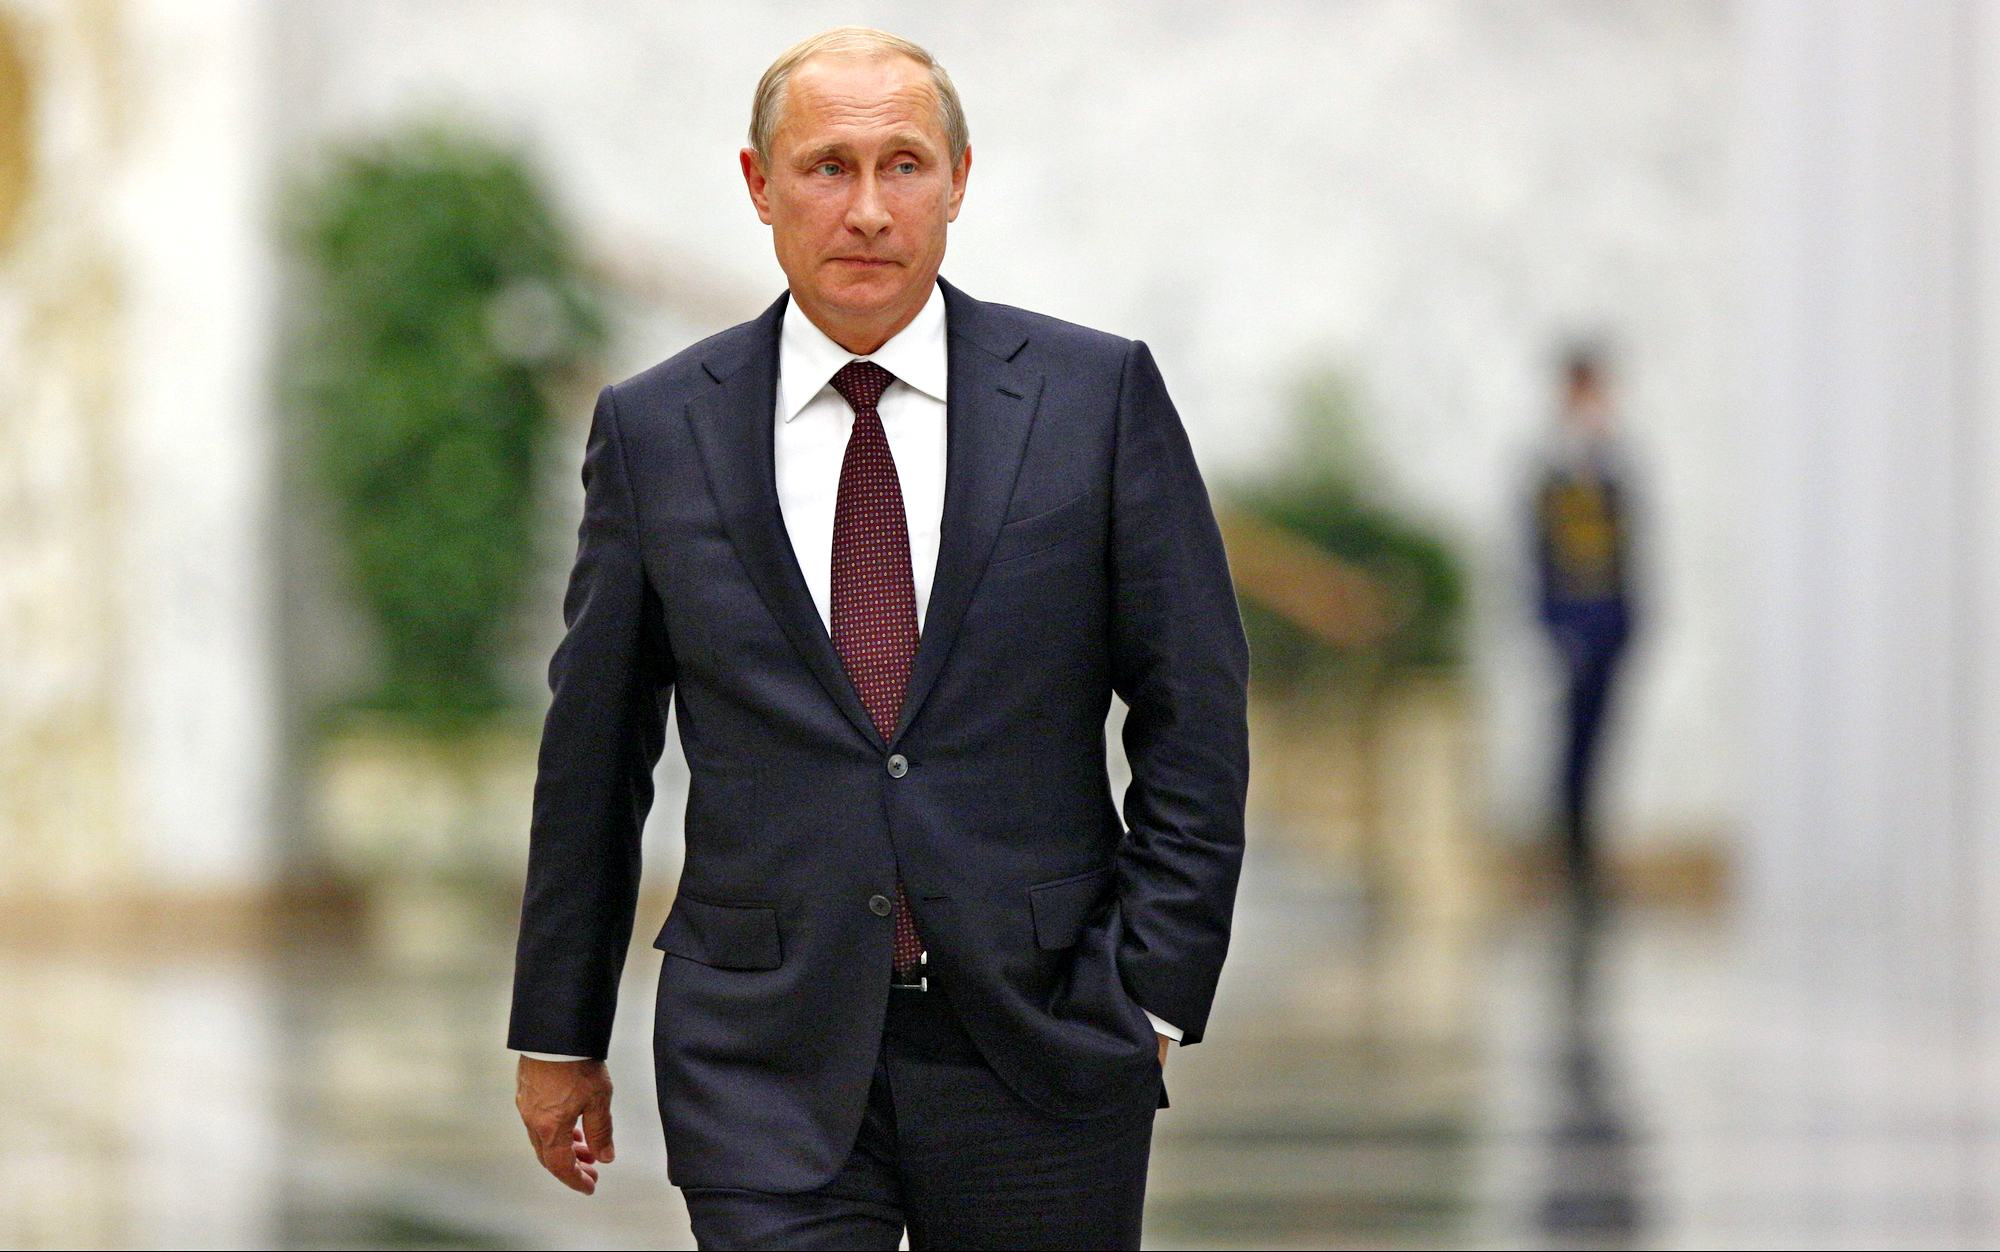 Με νέα πρόταση για τα ενεργειακά έρχεται ο Πούτιν